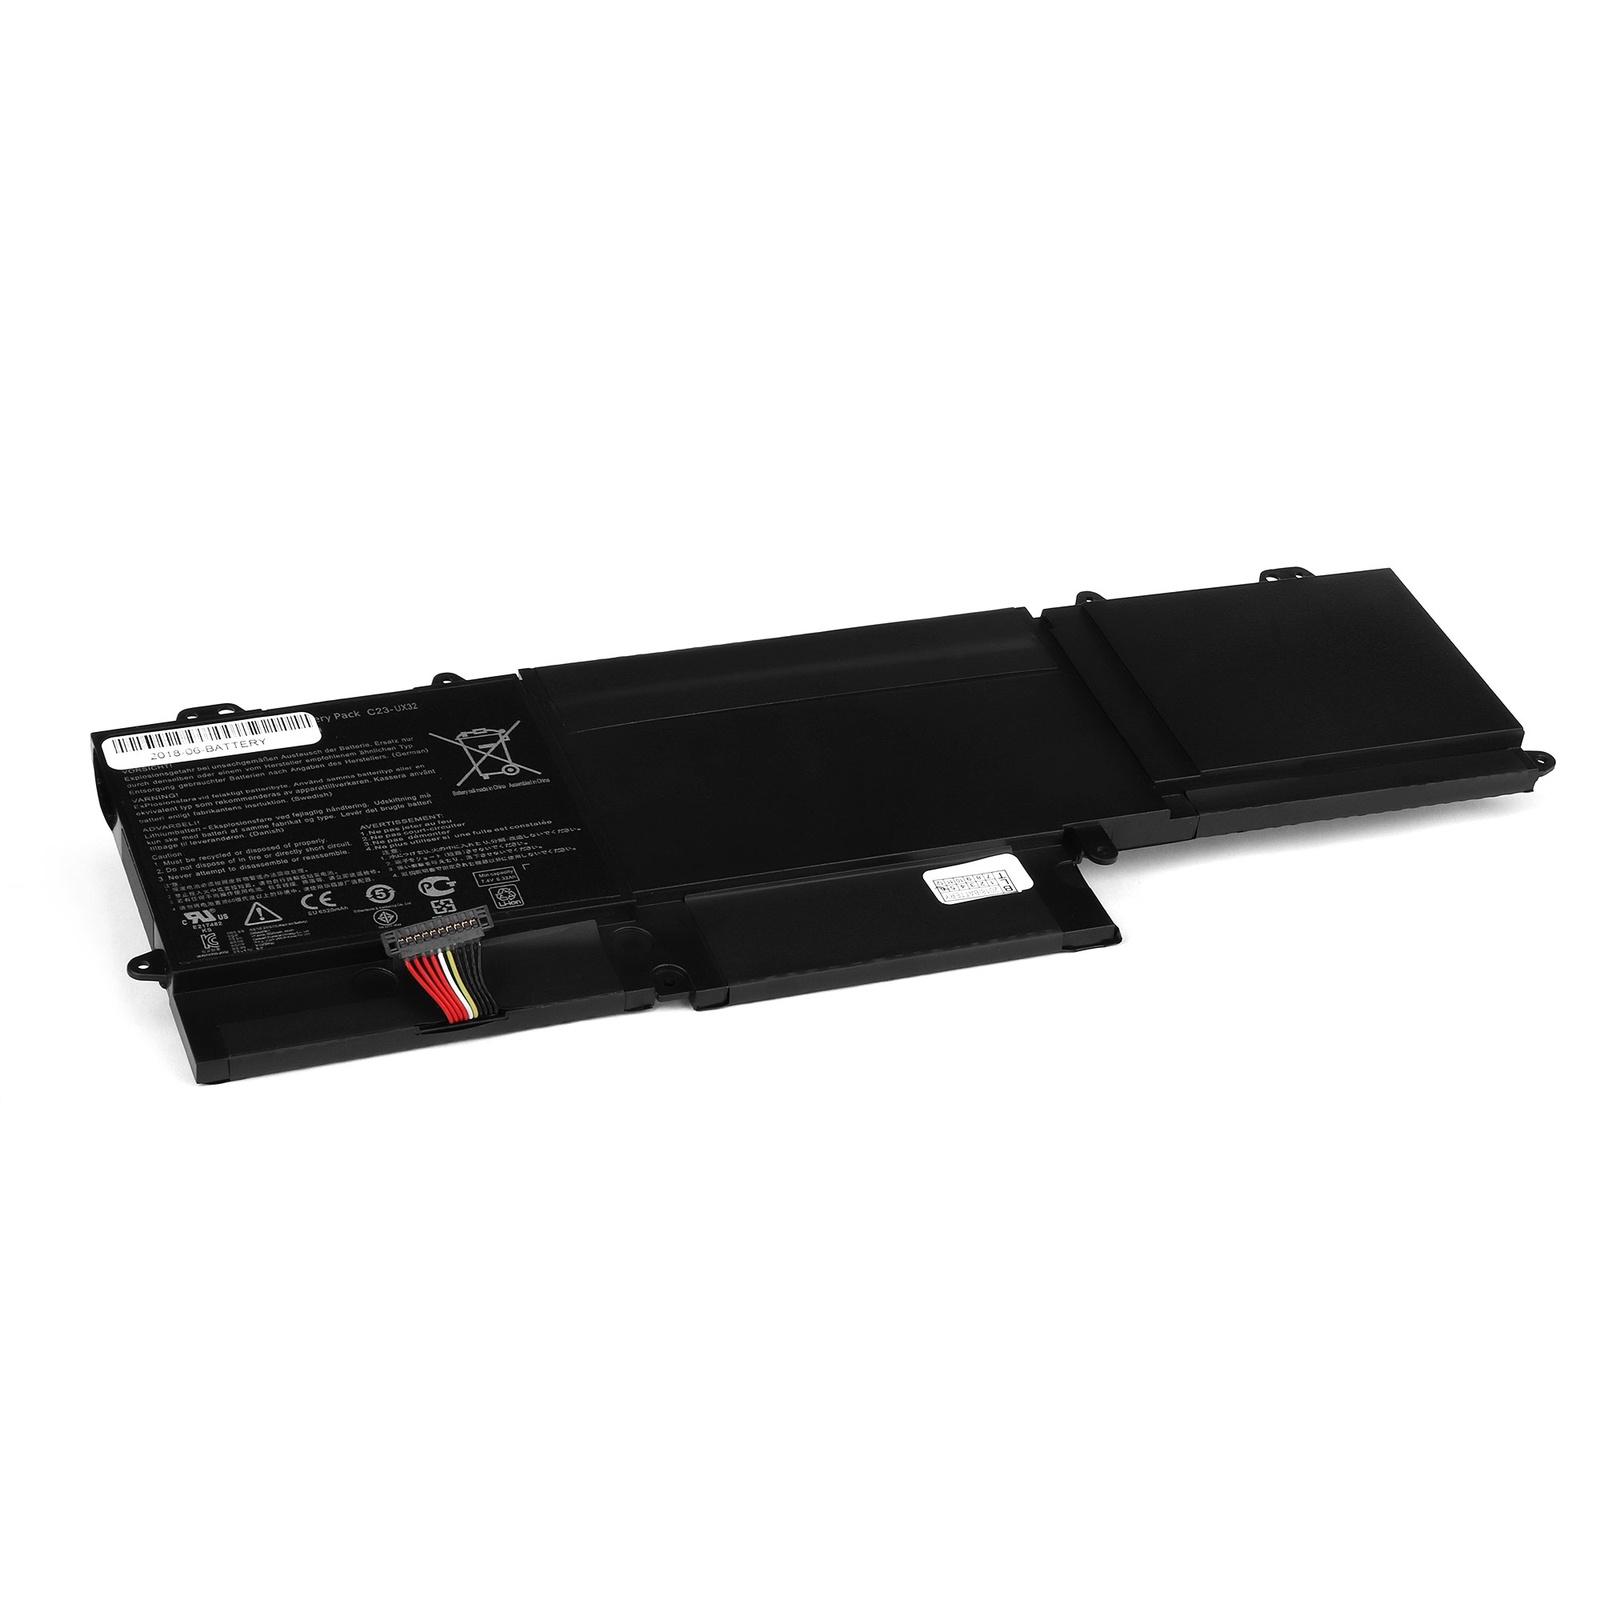 Аккумулятор для ноутбука OEM Asus Zenbook UX32 Series. 7.4V 6520mAh. PN: C23-UX32 аксессуары для фотостудий oem 100